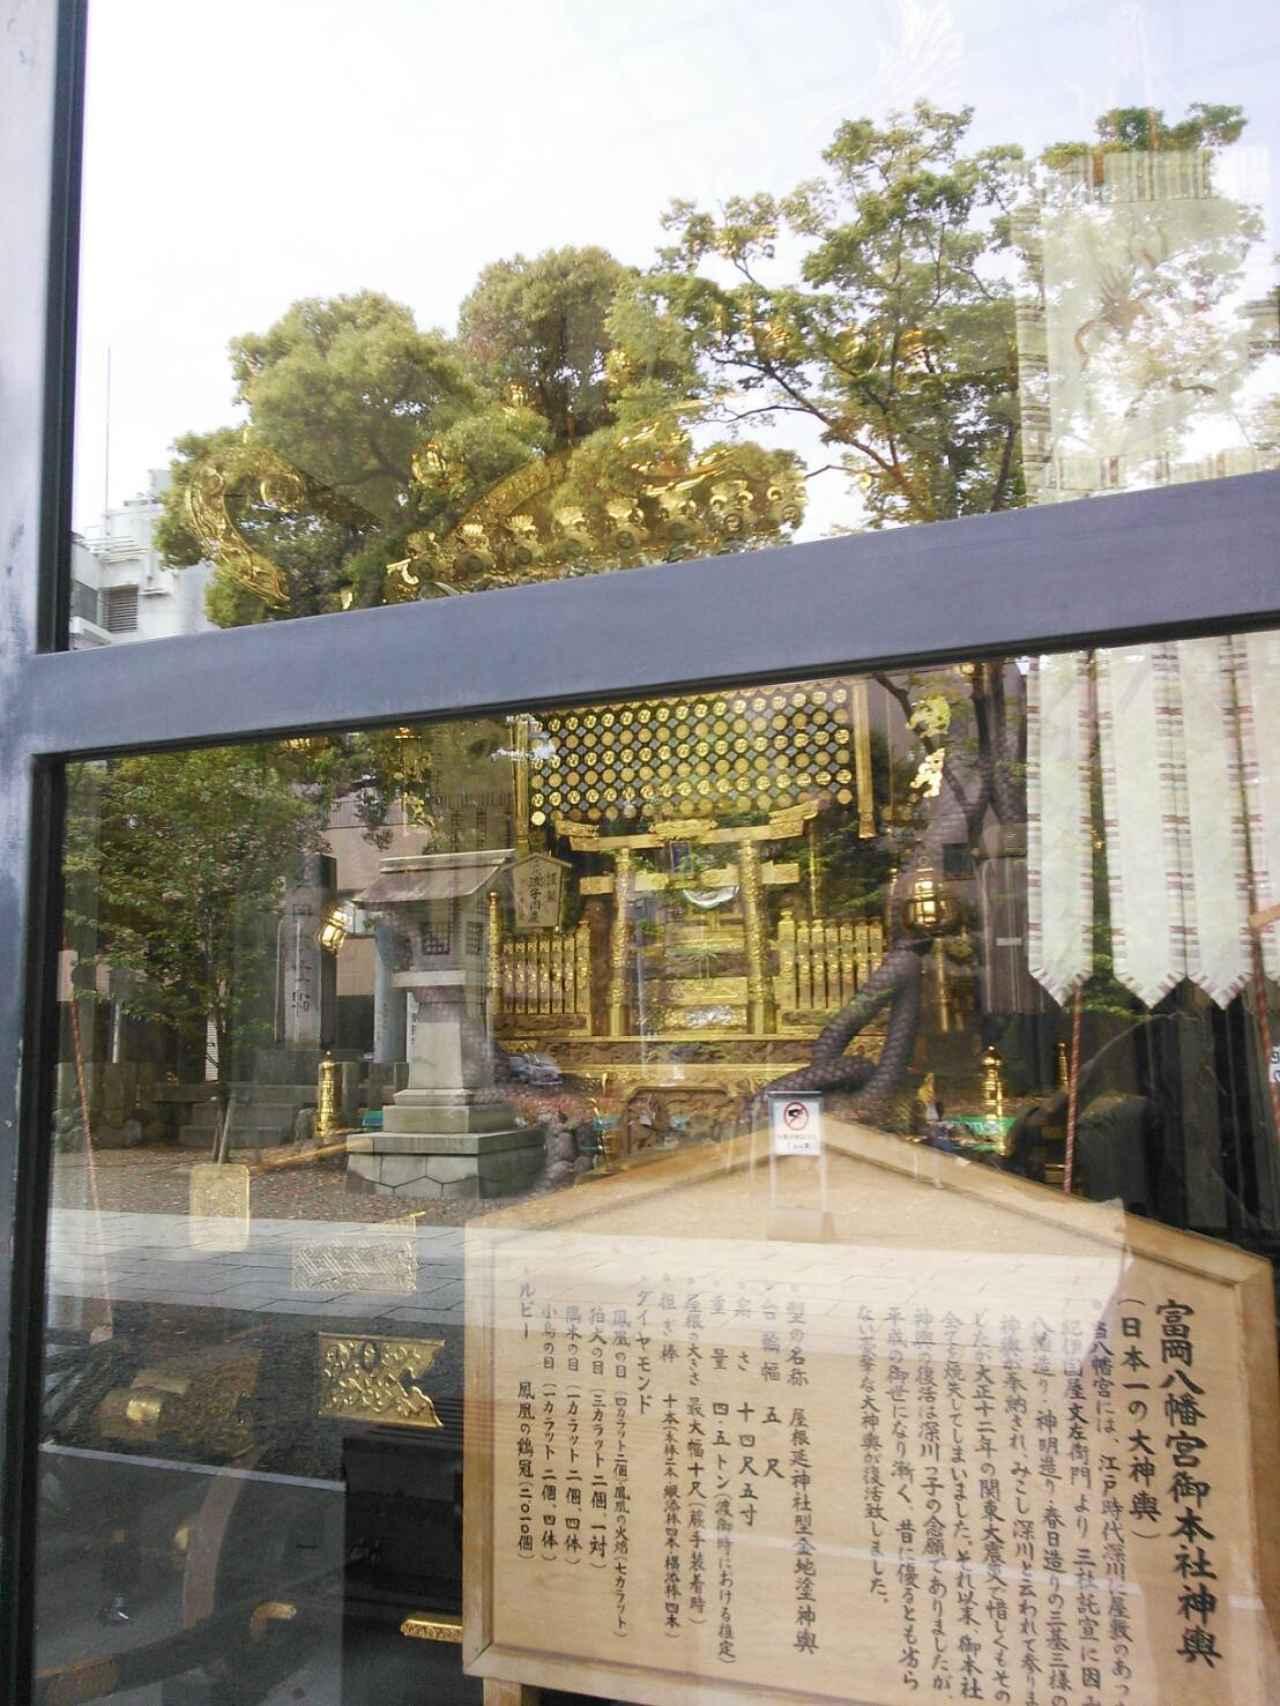 画像1: 小さなエリアにまとまった日本らしい観光地